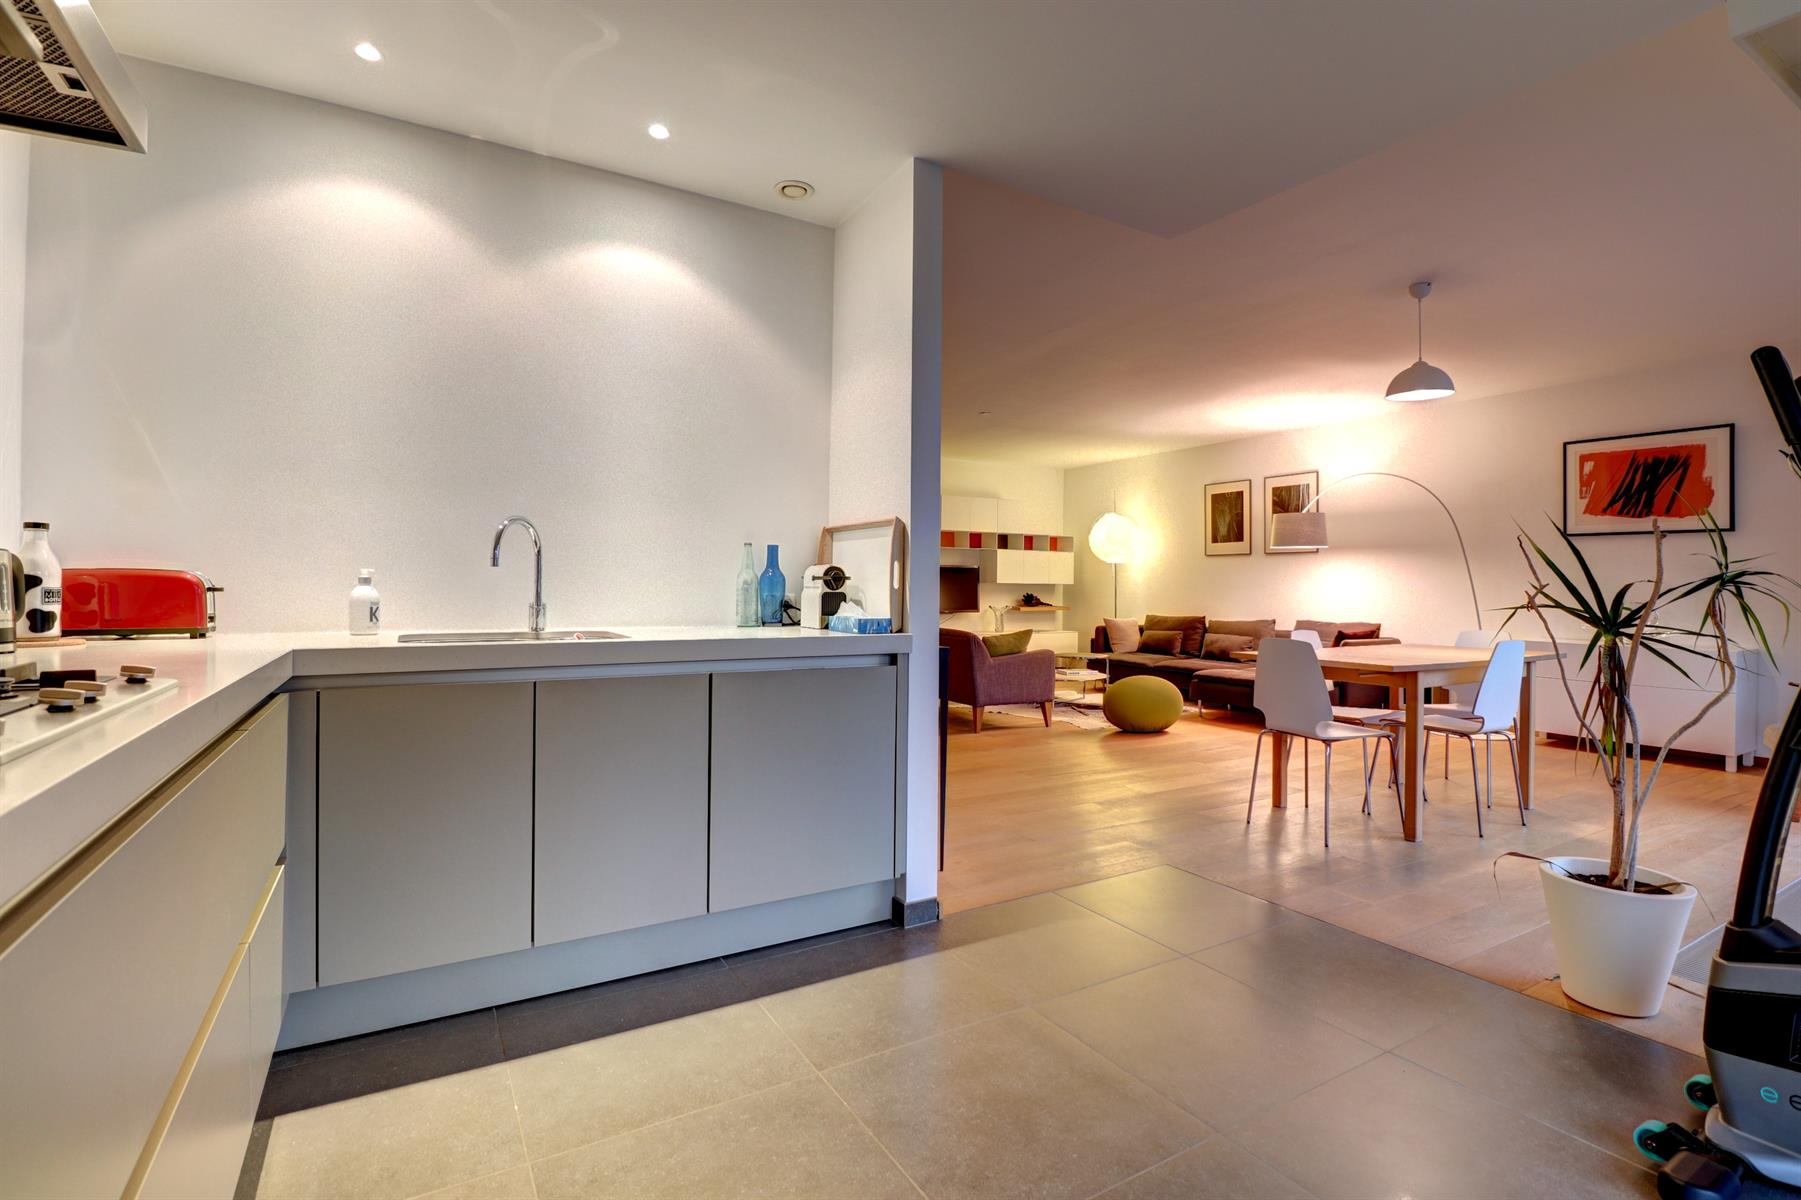 Flat - Ixelles - #4225896-15